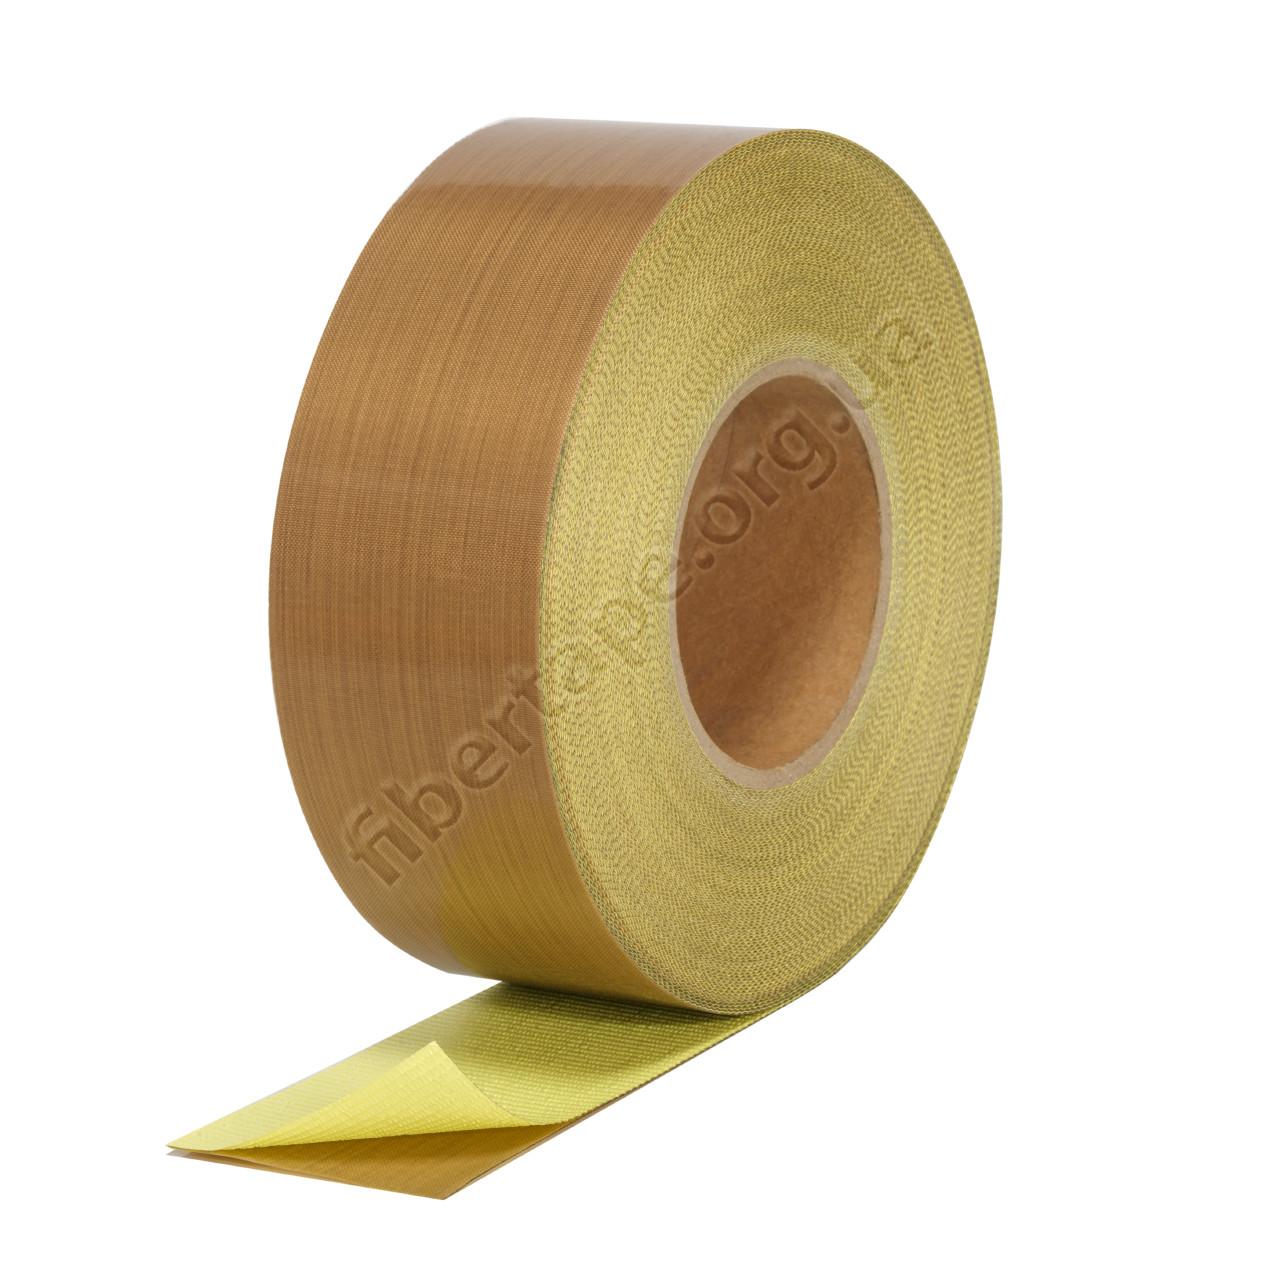 Тефлоновая лента (пленка) с клеем, ширина 20 мм, 75 микрон